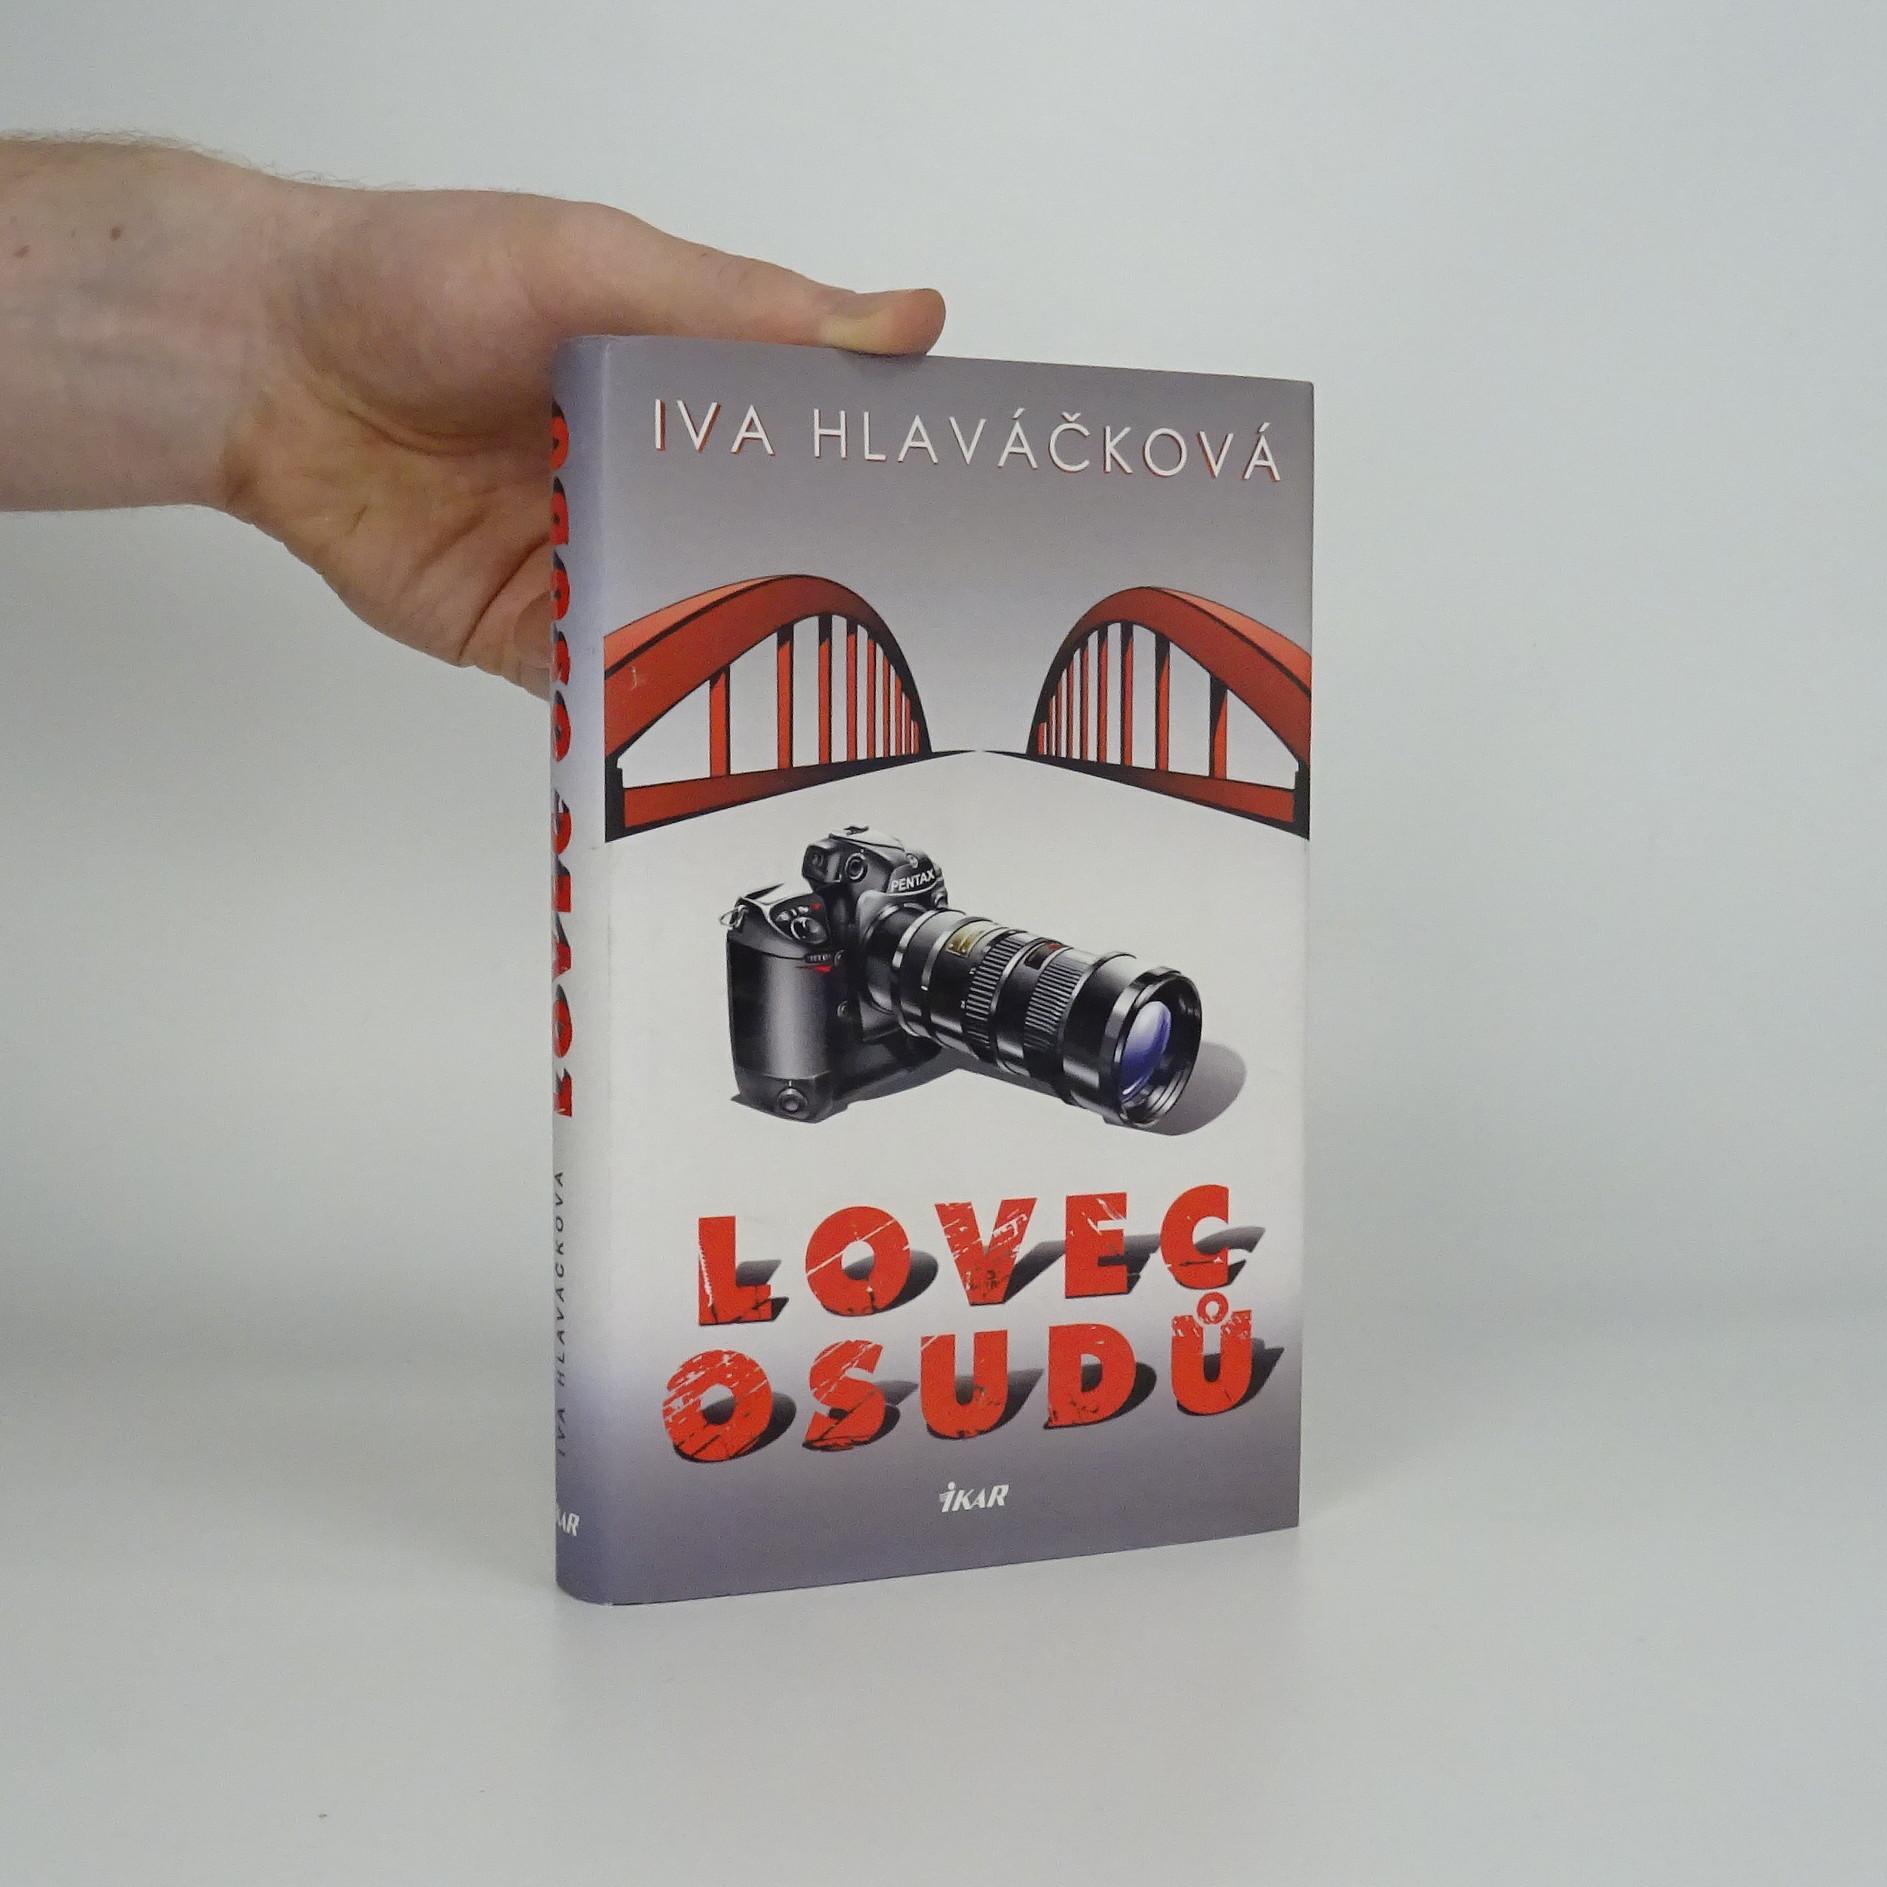 antikvární kniha Lovec osudů, 2009